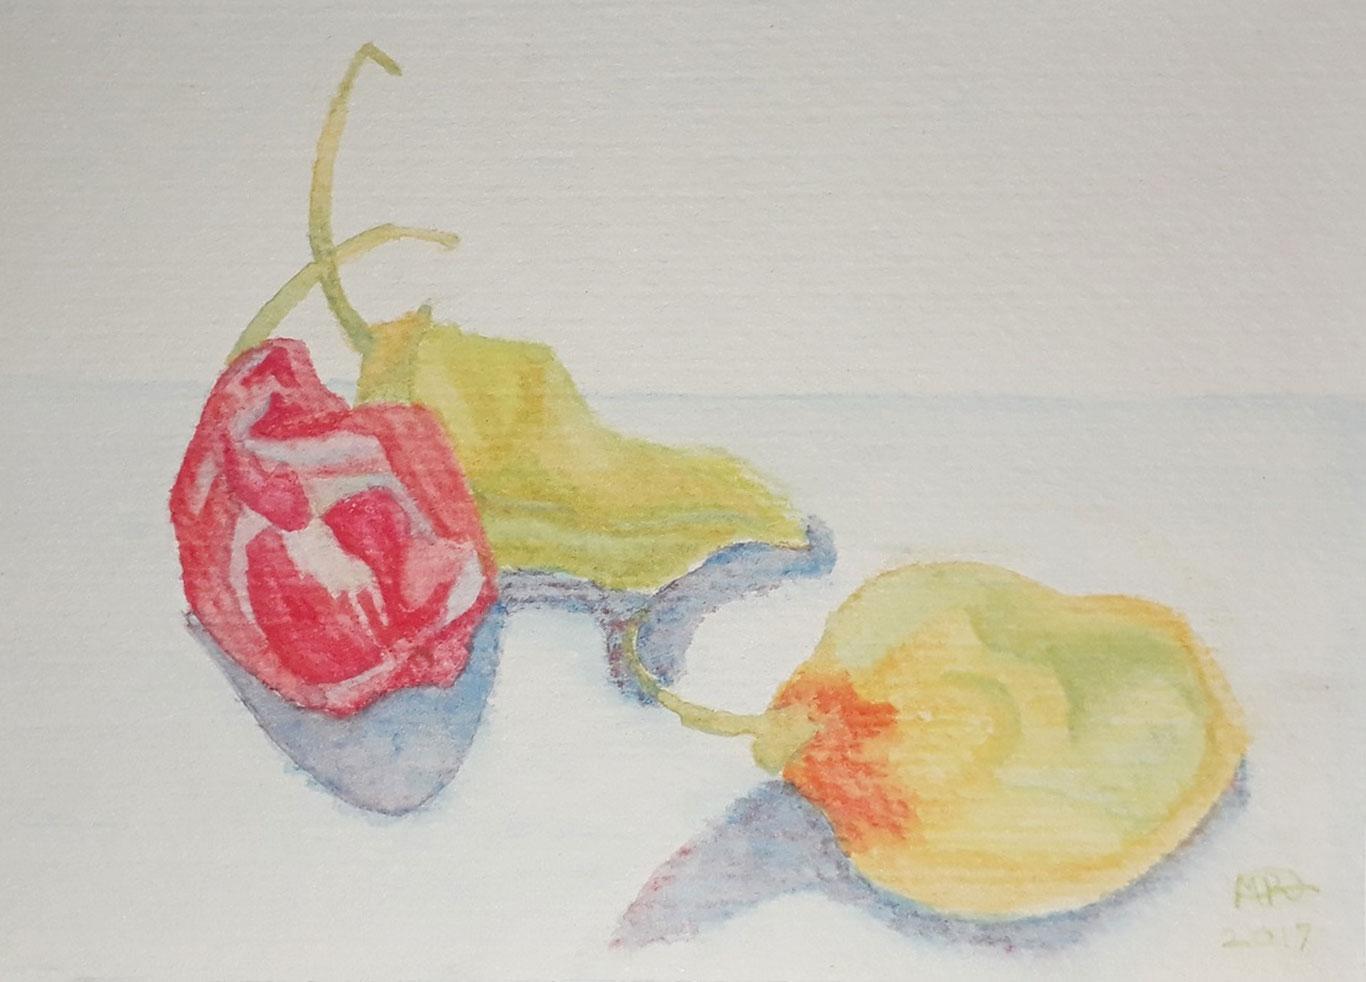 Watercolor Pencil Drawing, Maria Revs, Trinidad and Tobago